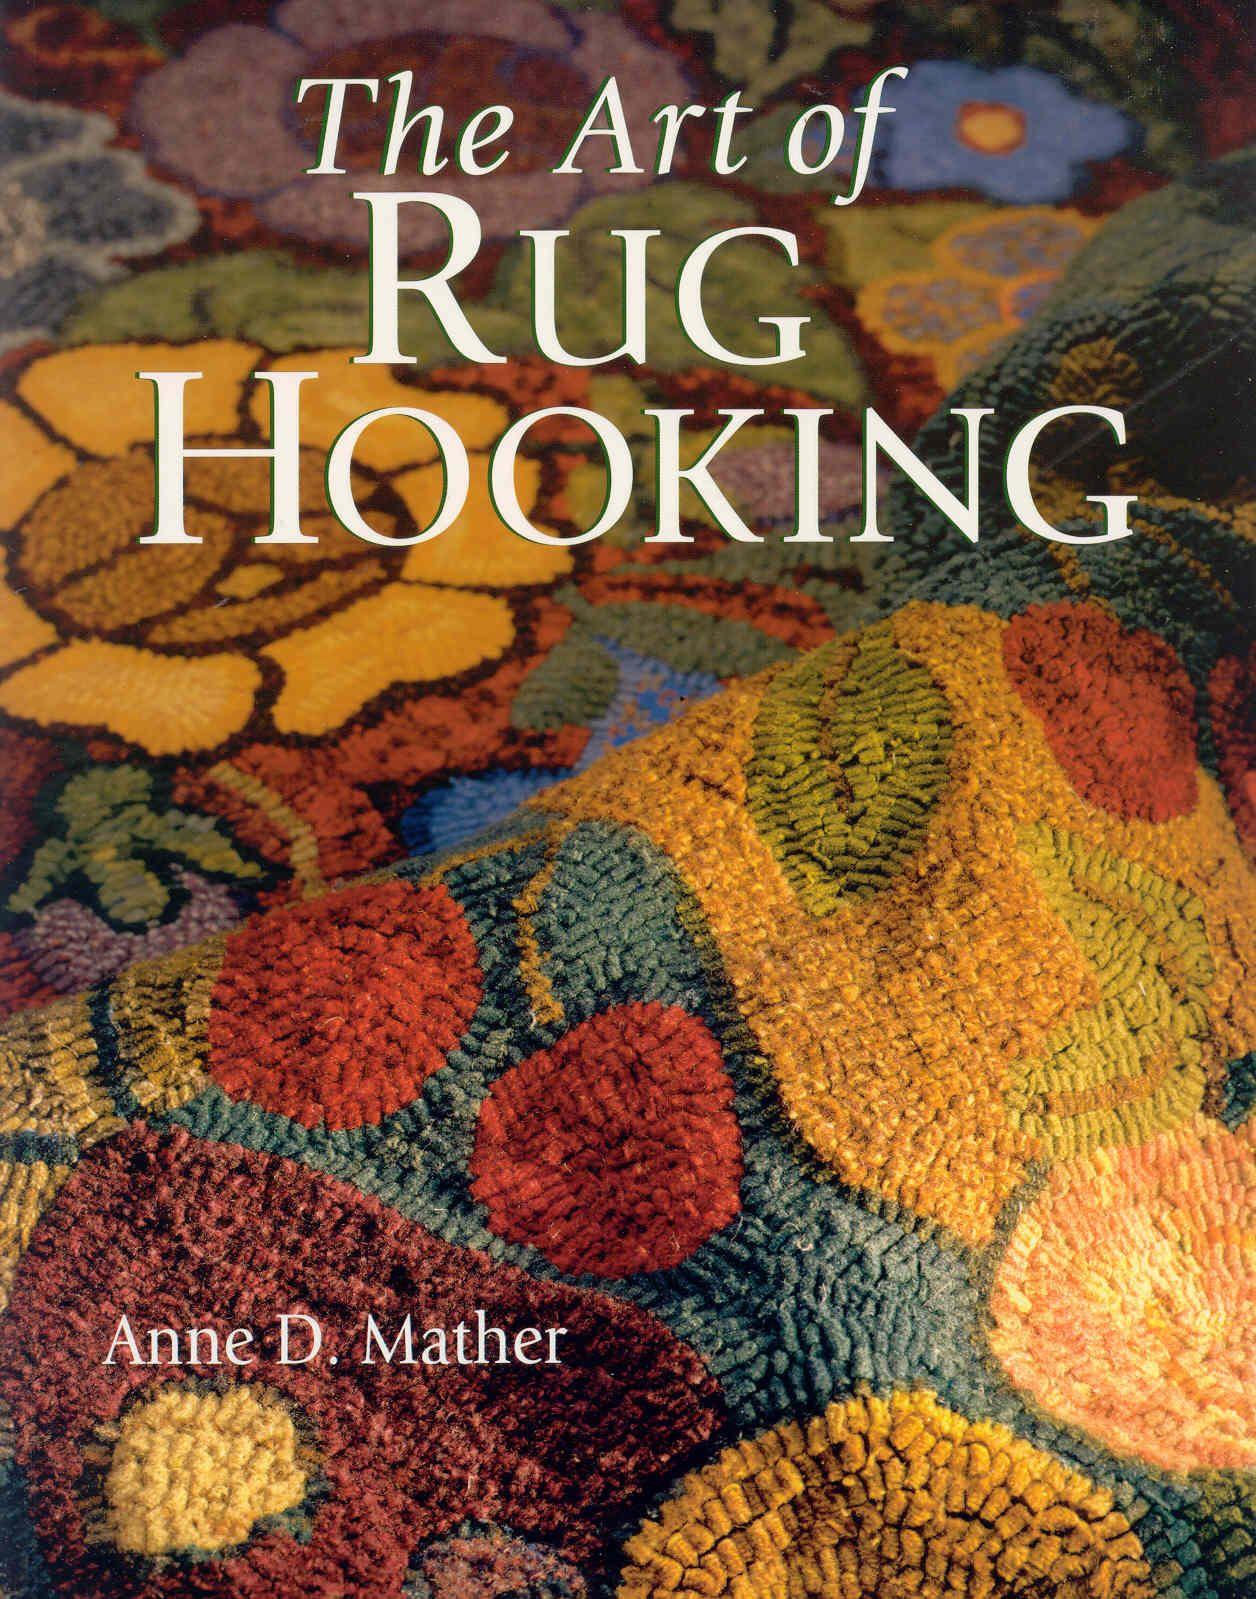 Free Locker Hook Rug Patterns | Rug Hooking | Diy Rugs | Rug Hooking - Free Printable Latch Hook Patterns